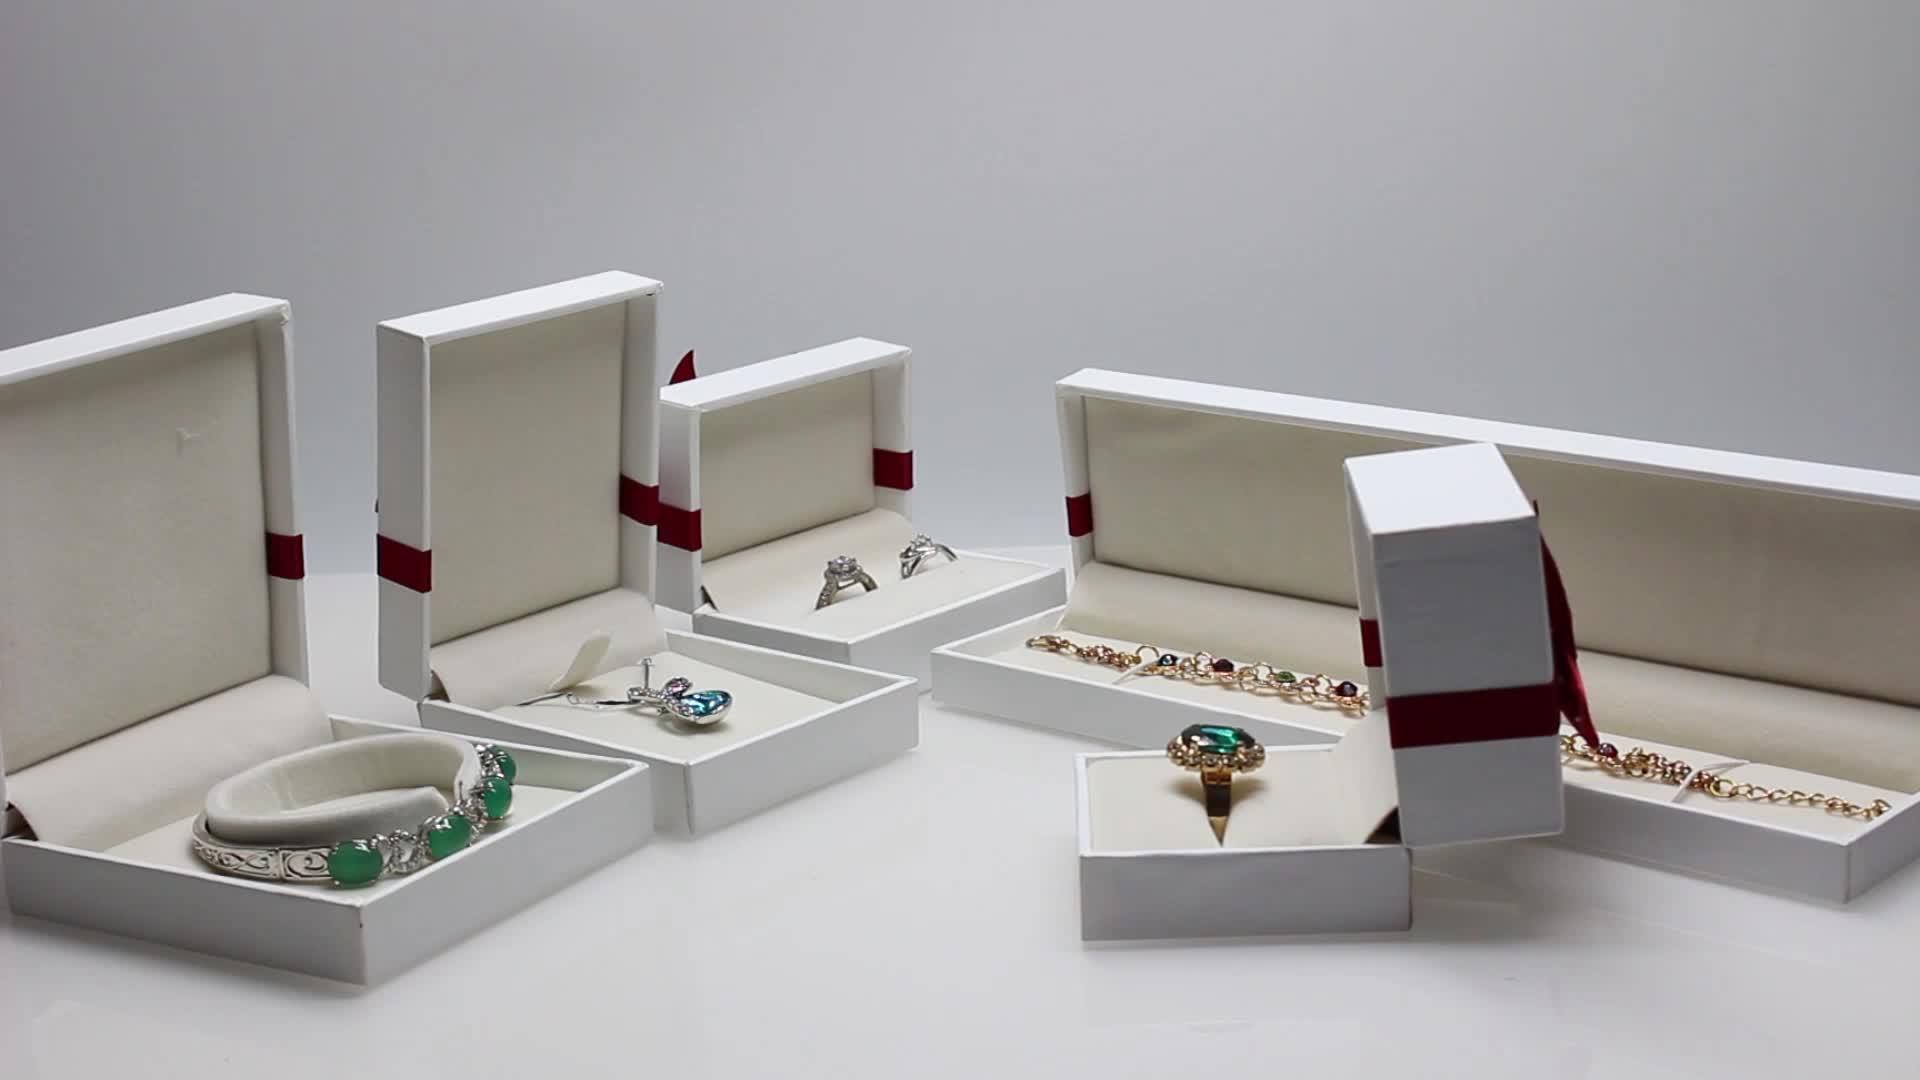 रिबन के साथ थोक सफेद गत्ता गहने बॉक्स पैकेजिंग गहने बक्से